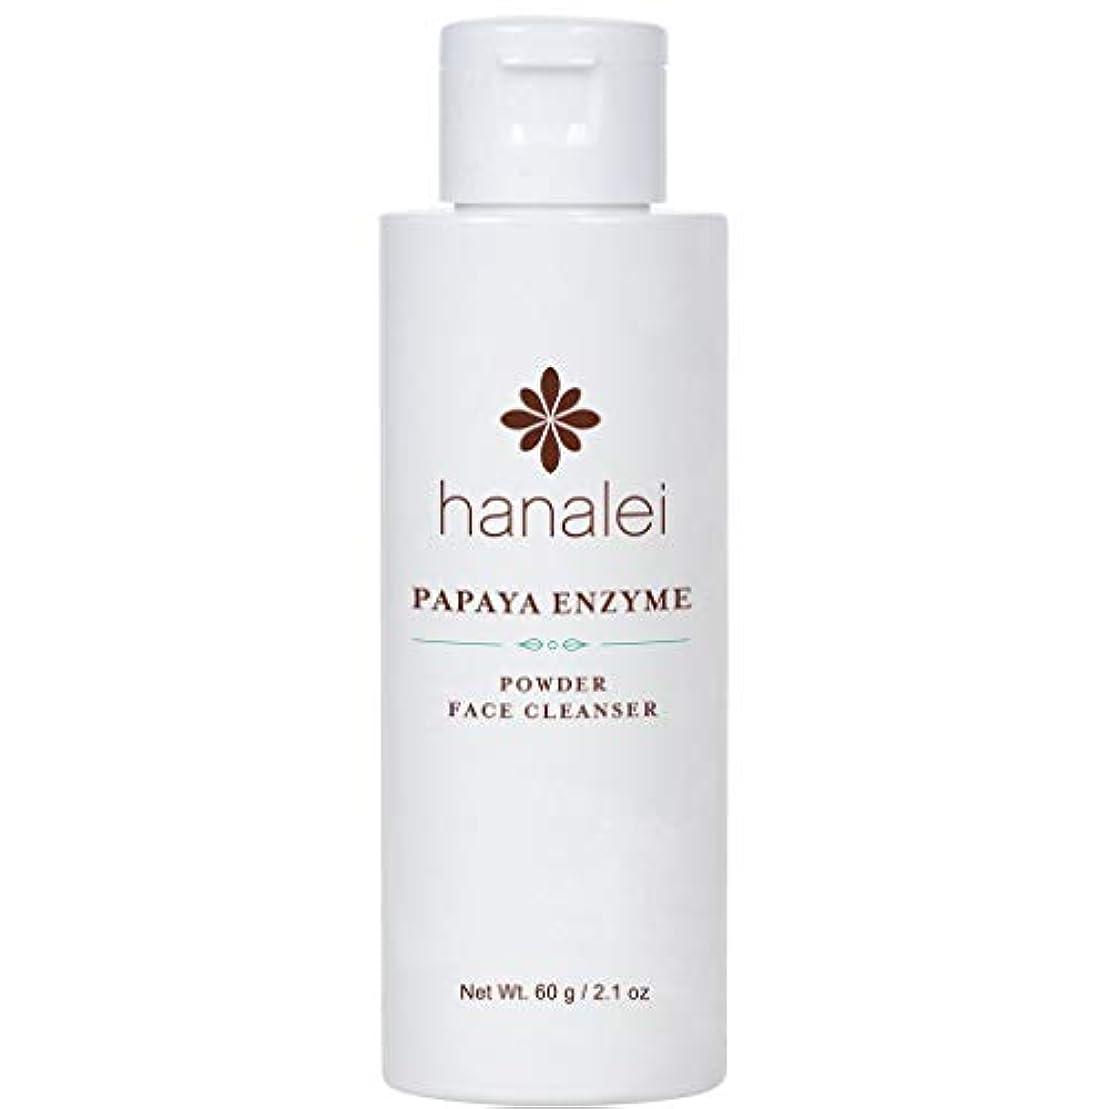 汚染地震送金Hanalei (ハナレイ)パパイヤ酵素洗顔料 (Papaya Enzyme Powder Facial Cleanser) (60g)